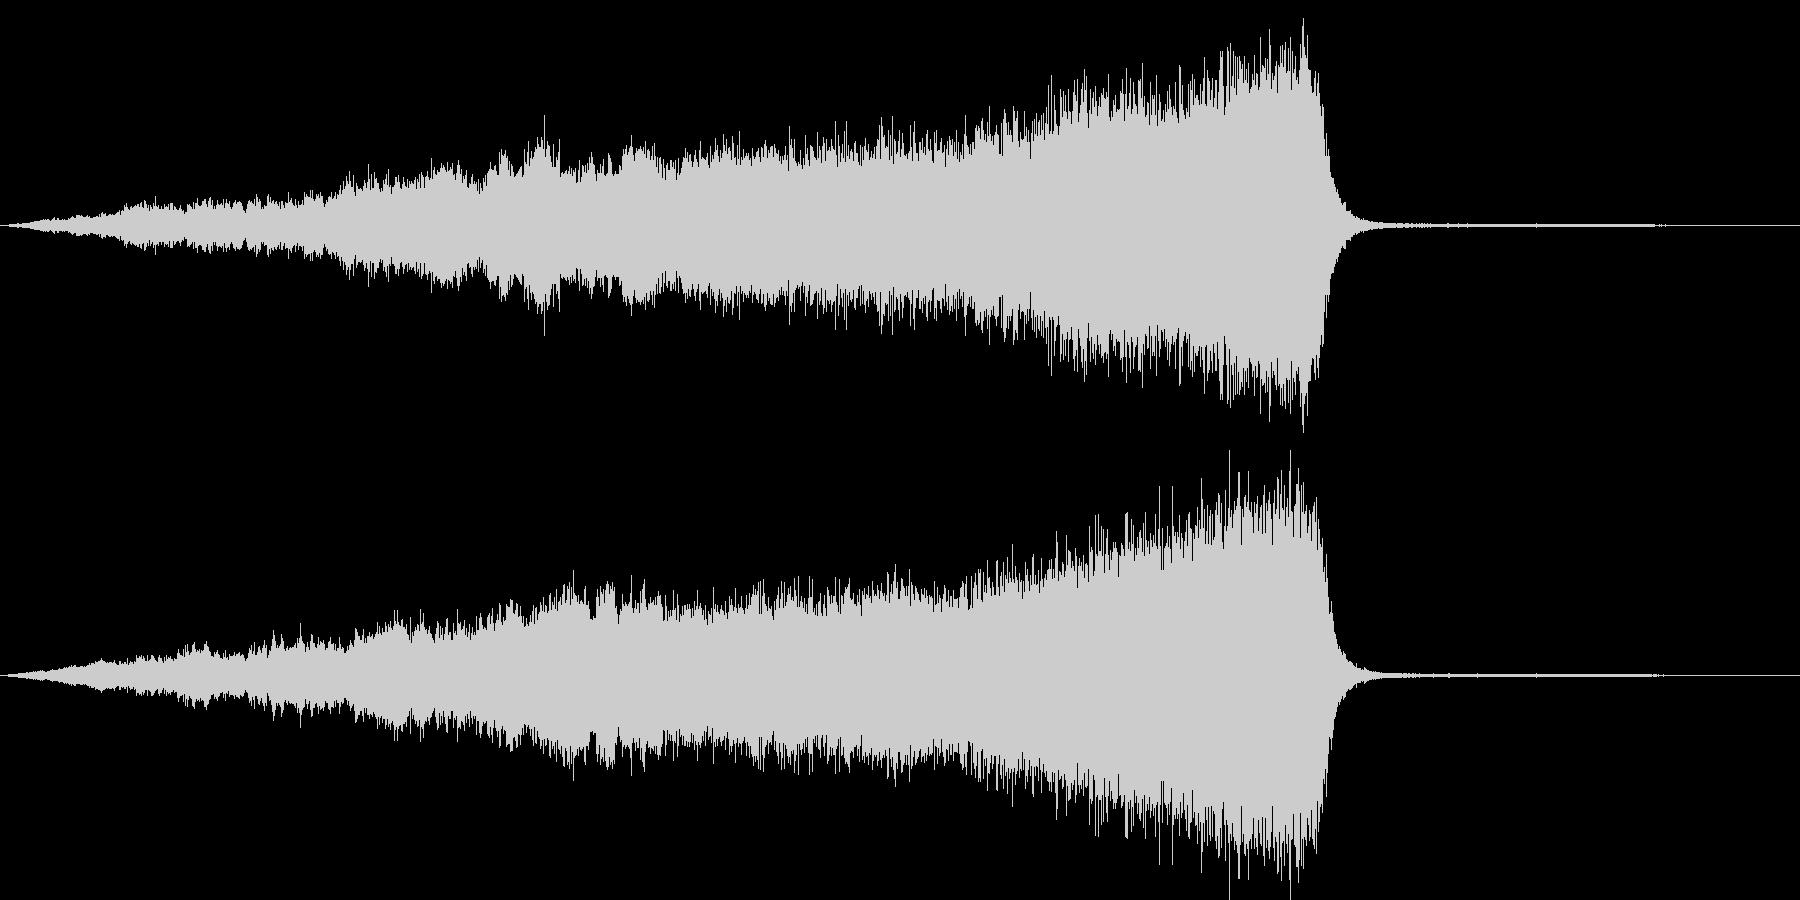 CINEATIC RISER(SF)の未再生の波形